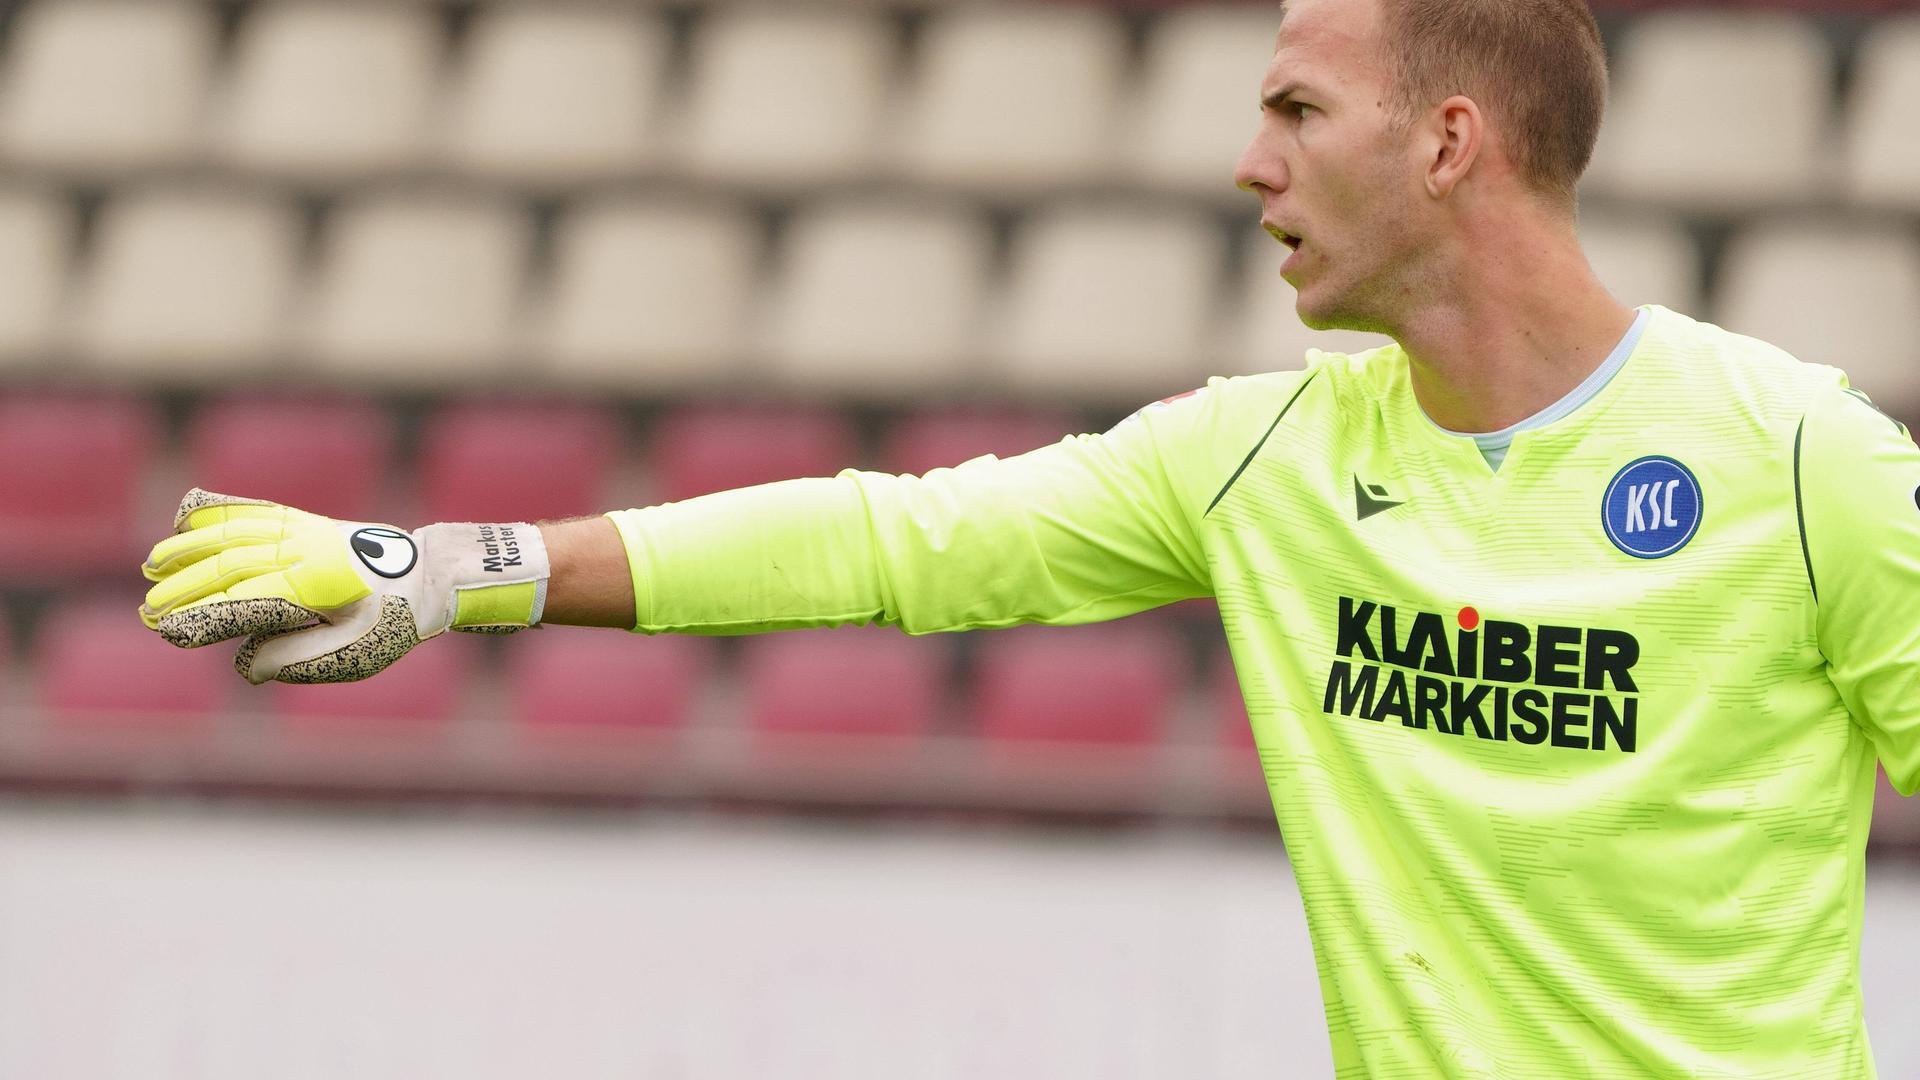 Spielpraxis im Test: Markus Kuster vertrat bei der KSC-Niederlage beim FC Augsburg die Karlsruher Nummer eins, Marius Gersbeck.